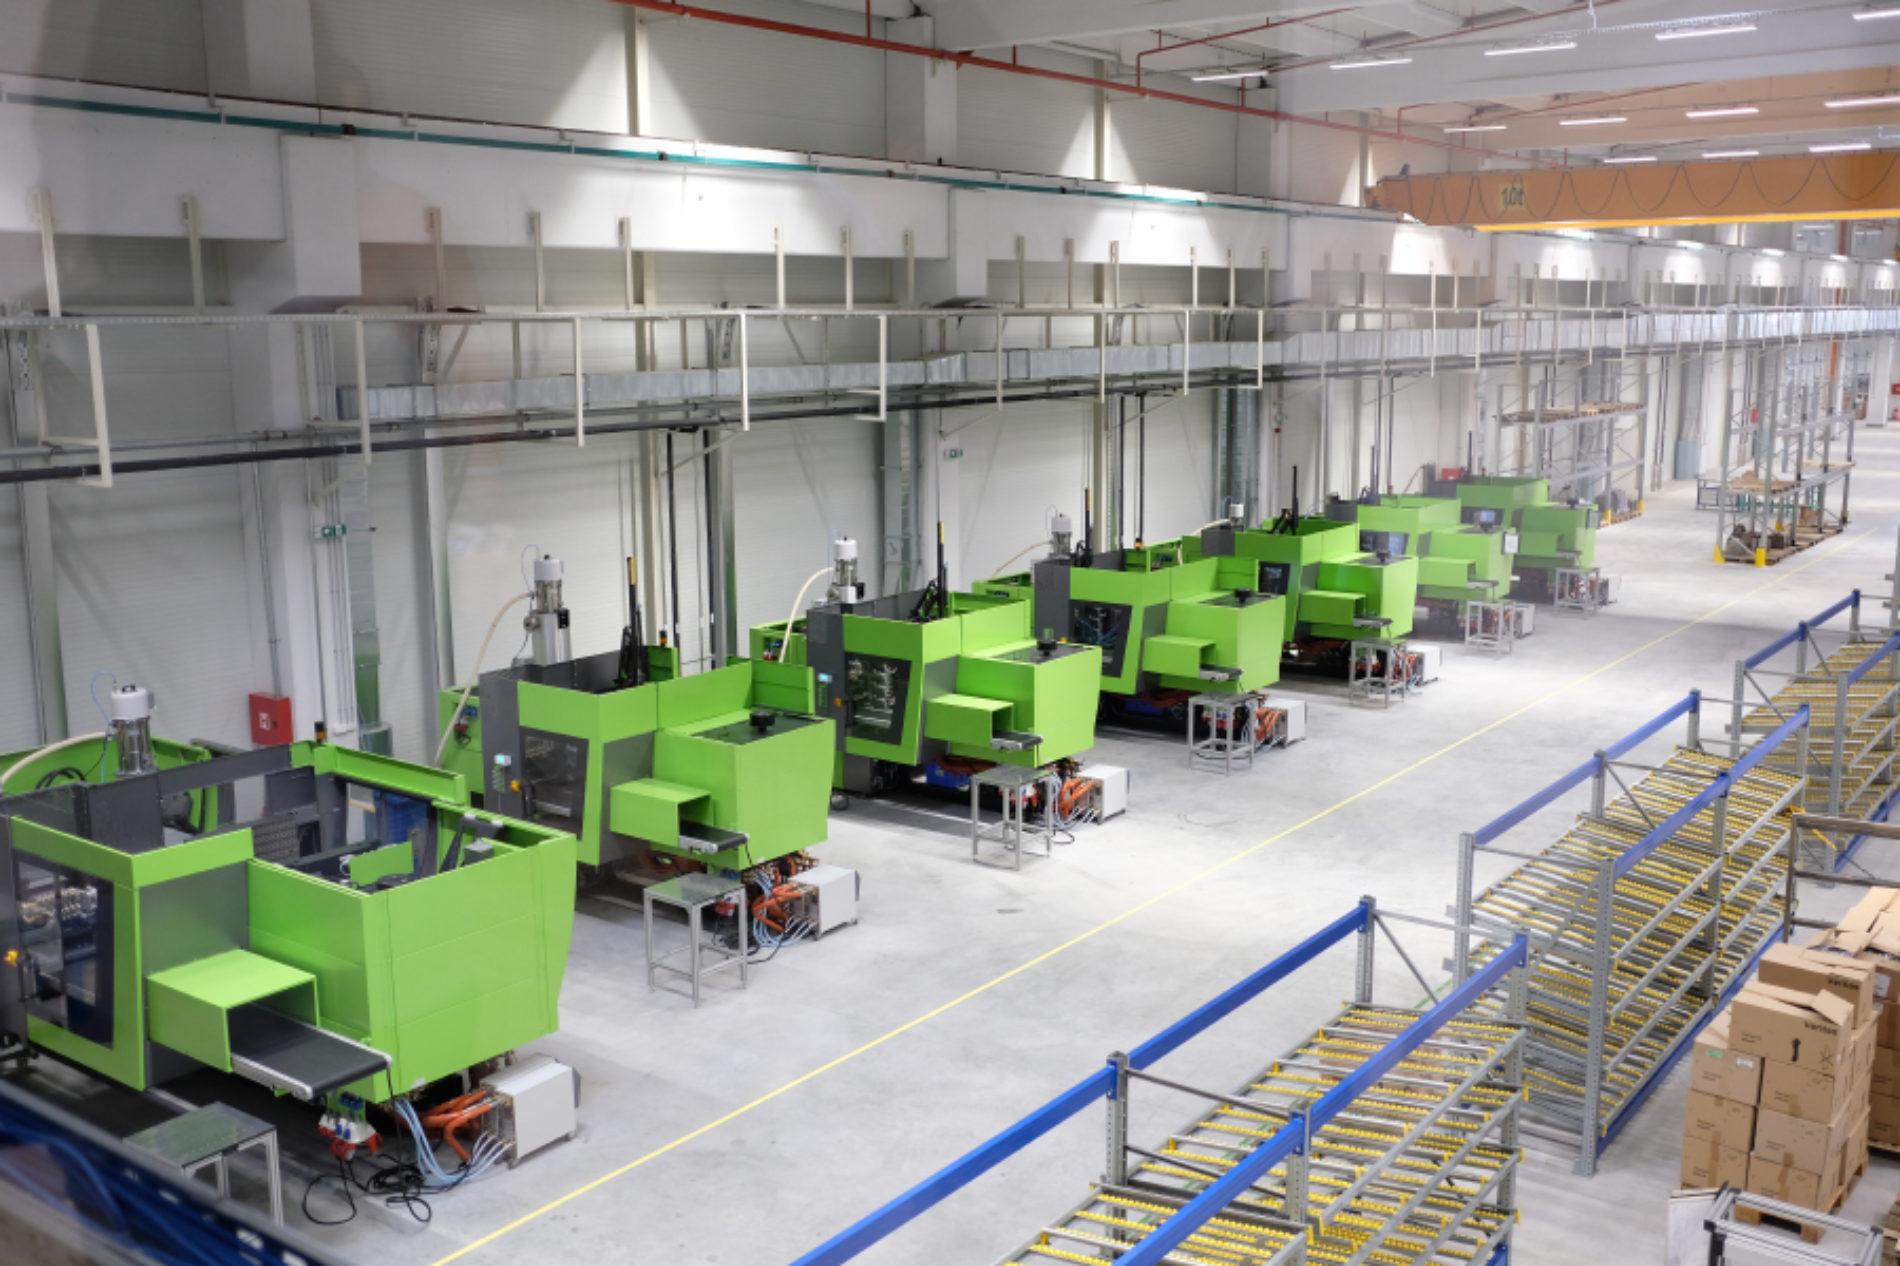 Veritas Automotive: Firma koja je prošle godine imala izvoz od 13 miliona eura samo sa lokacije u Rajlovcu